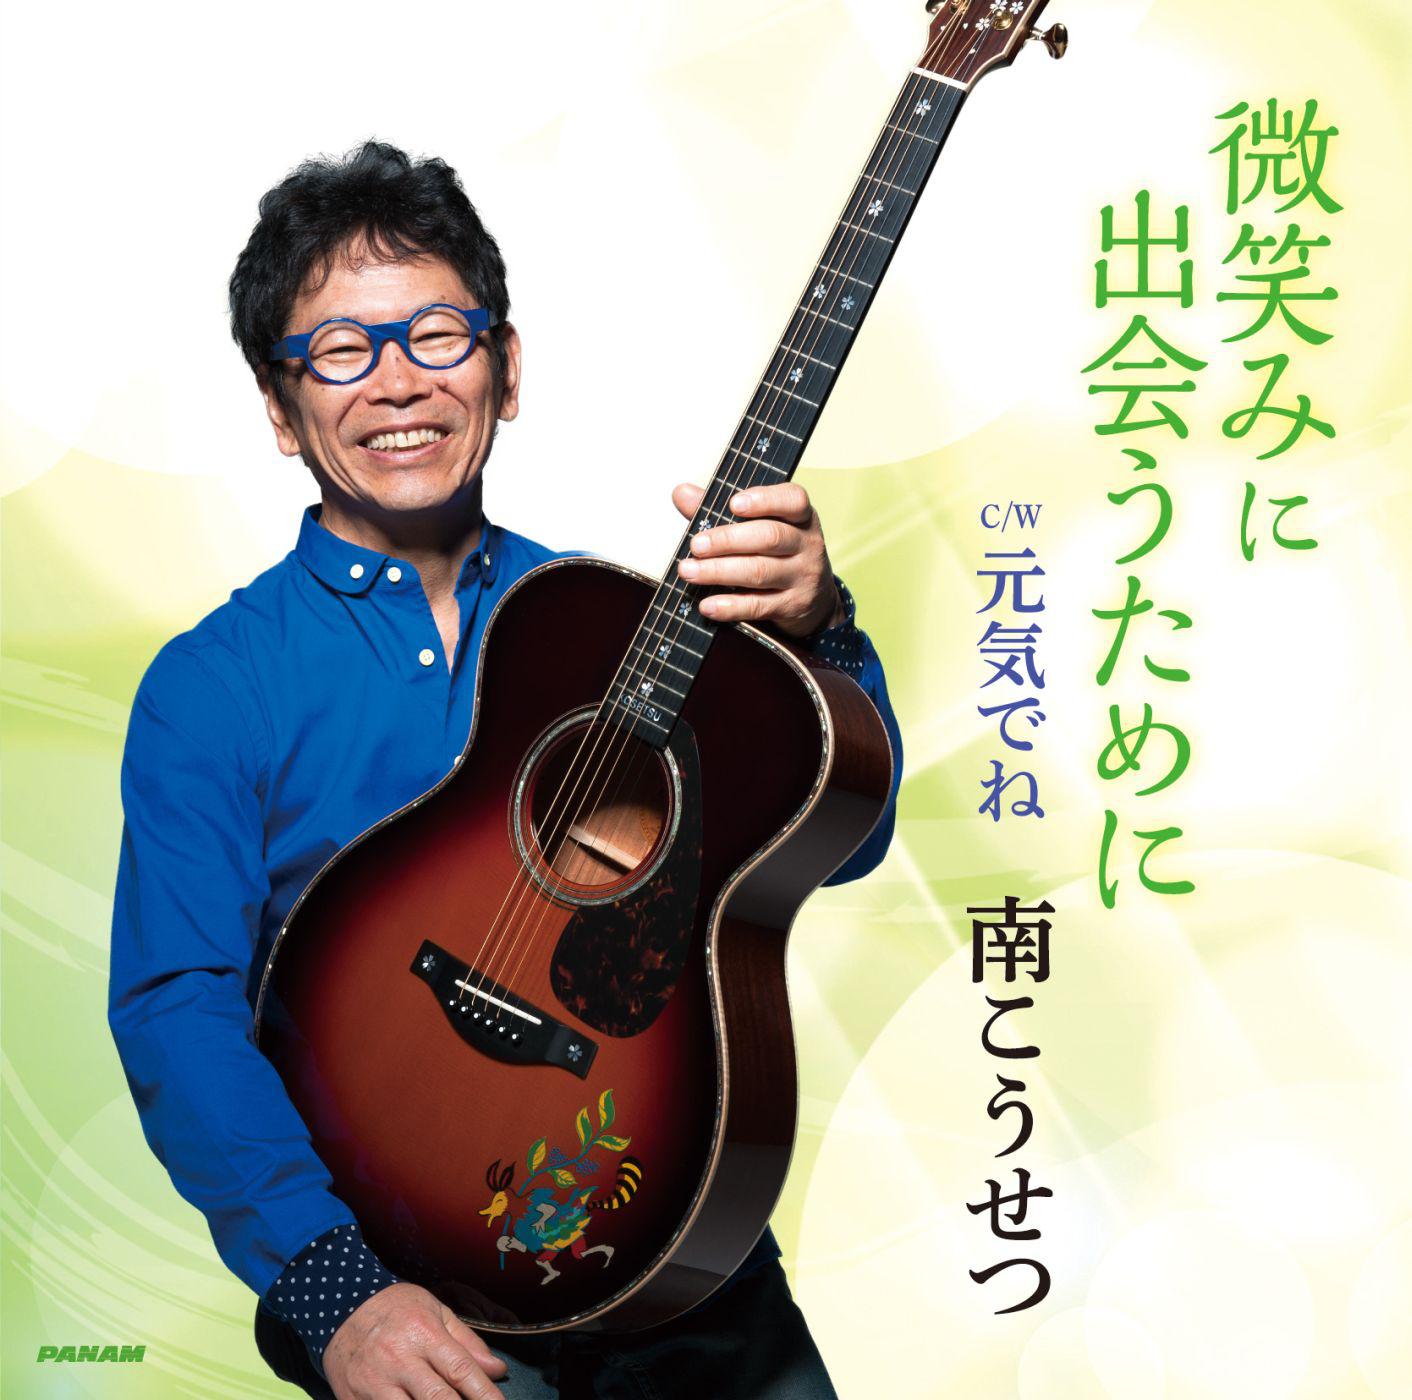 南こうせつ 46thシングル『微笑みに出会うために/元気でね』(2015年6月10日発売) 高画質CDジャケット画像